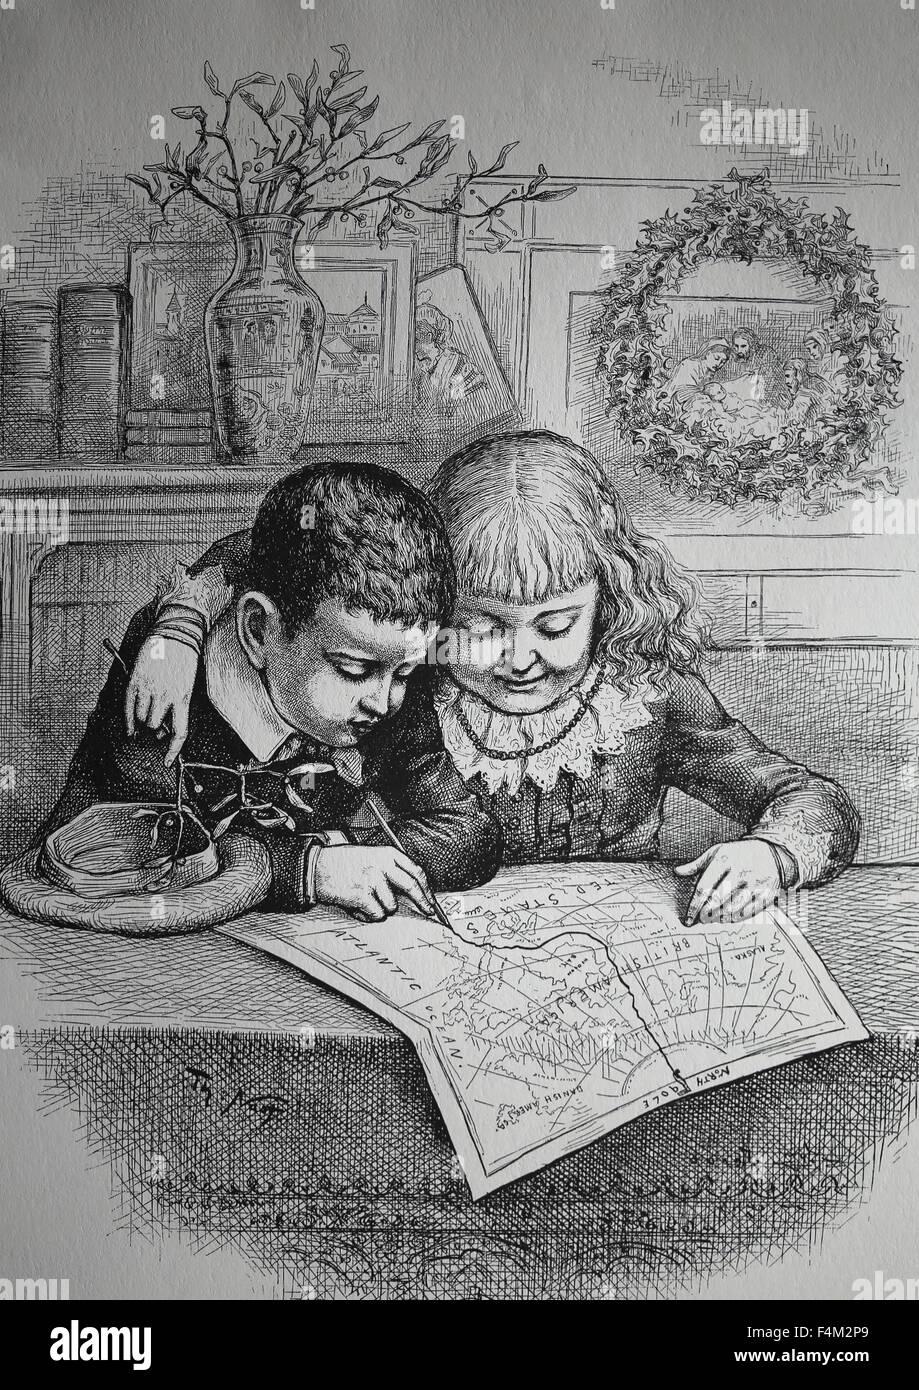 Noël. Le suivi des enfants Le Père Noël, la route du Pôle Nord. 1885 gravure par Thomas Nast. Photo Stock